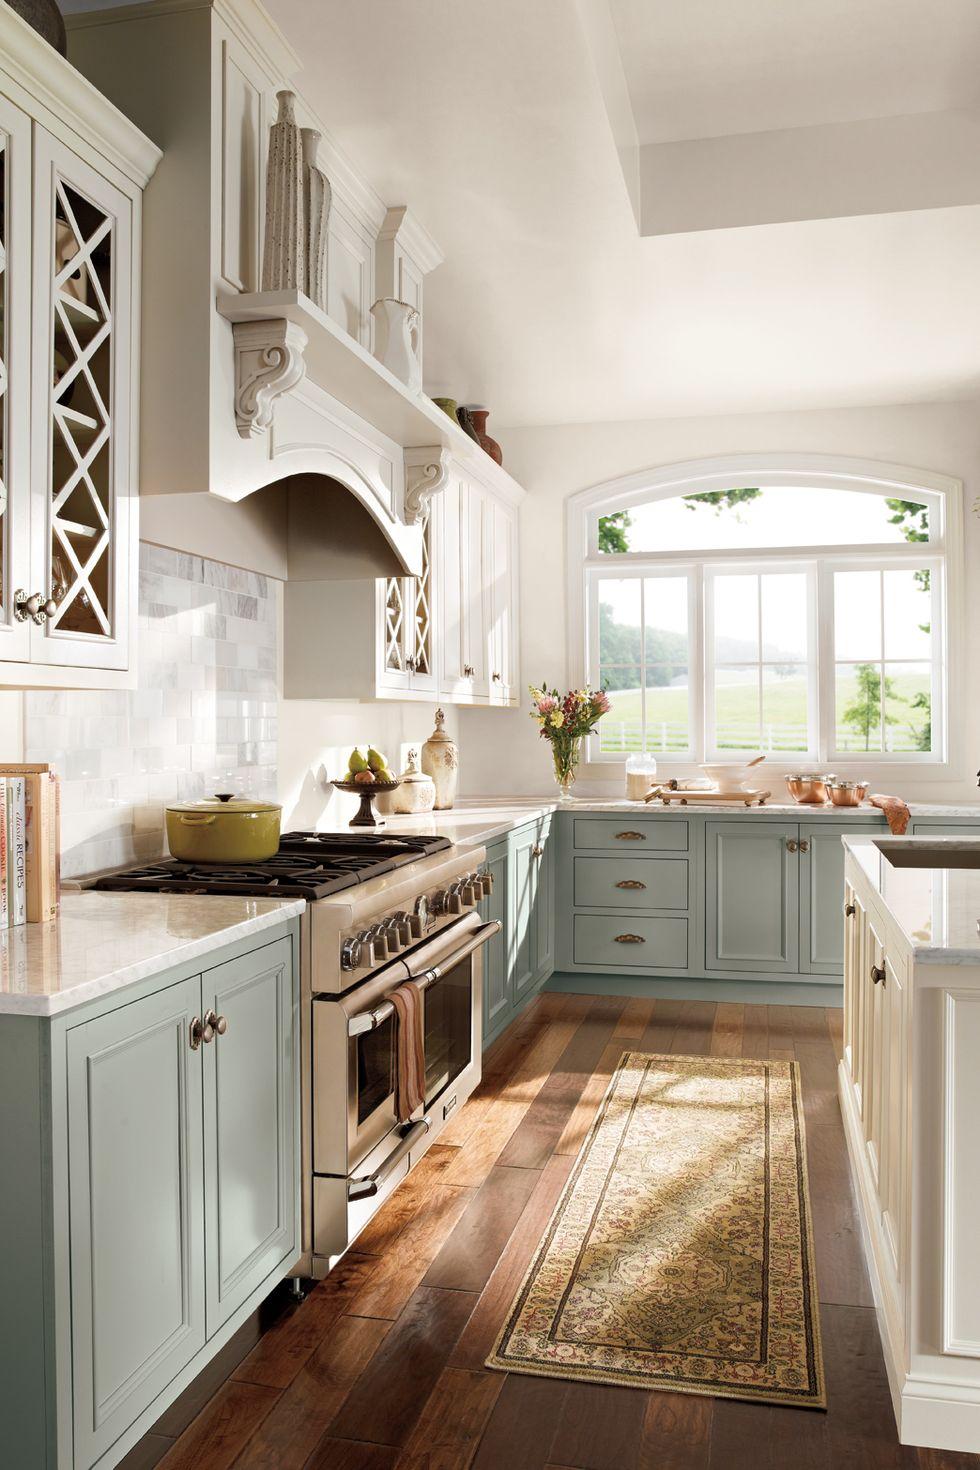 tủ bếp xanh da trời và trắng